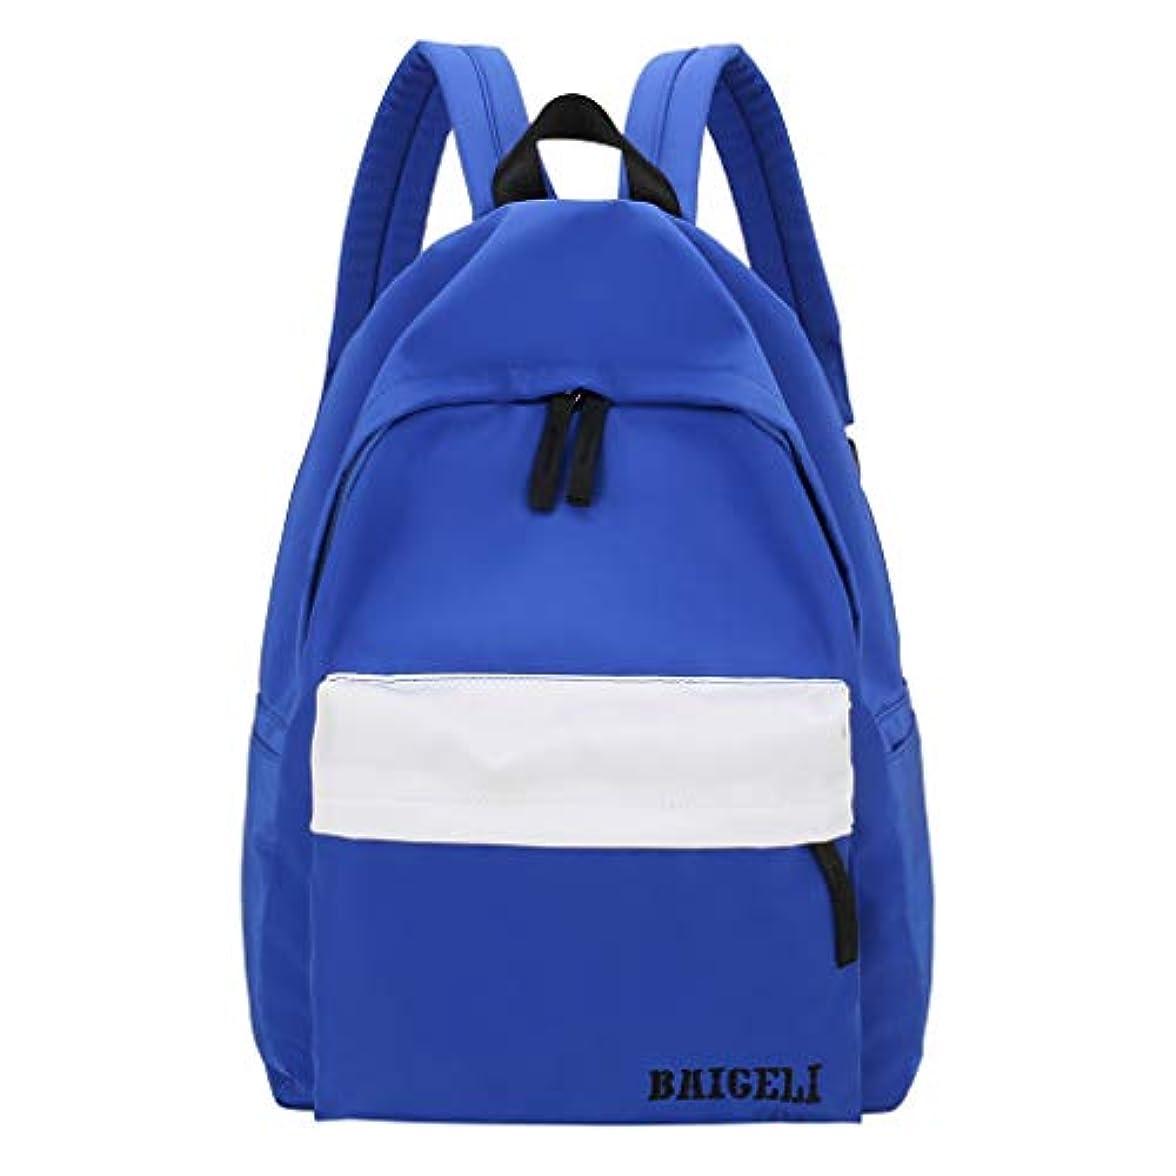 女の子バッグ子どもリュックサック小学生通学遠足レディースファッションシンプルなソリッドバックパック可愛い 通勤 通学 大容量 おしゃれ 大人 ビジネスリュック カップルュックサック